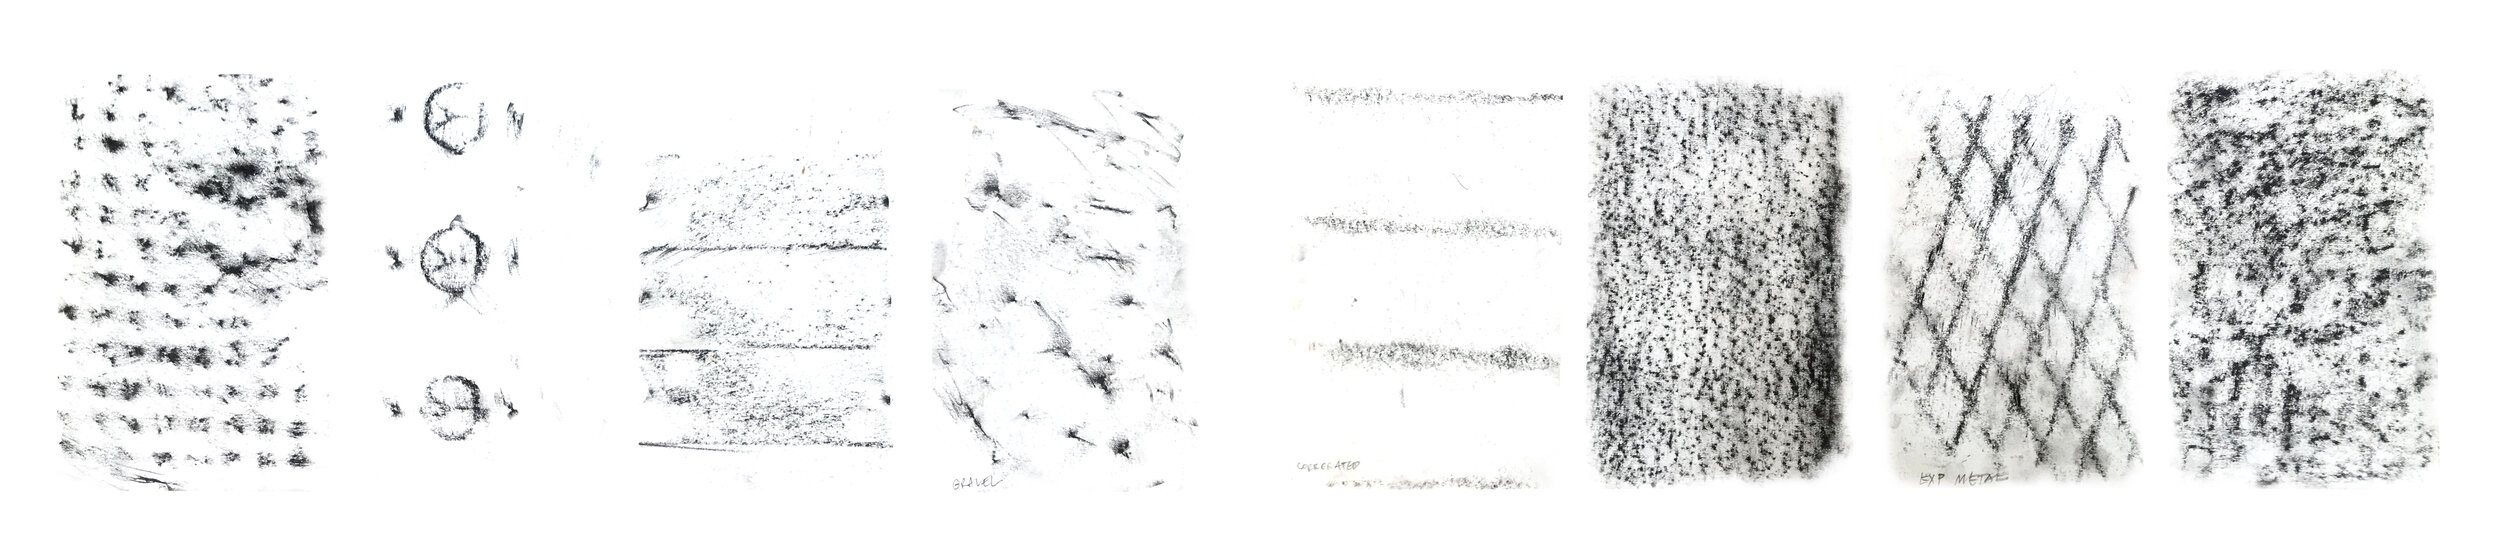 rubberings_2_horizontal.jpg